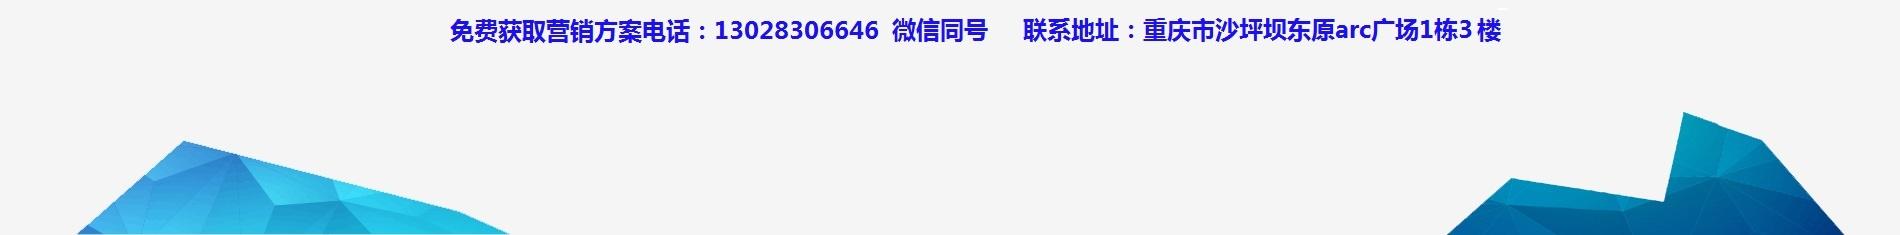 重庆网络tuiguang电话